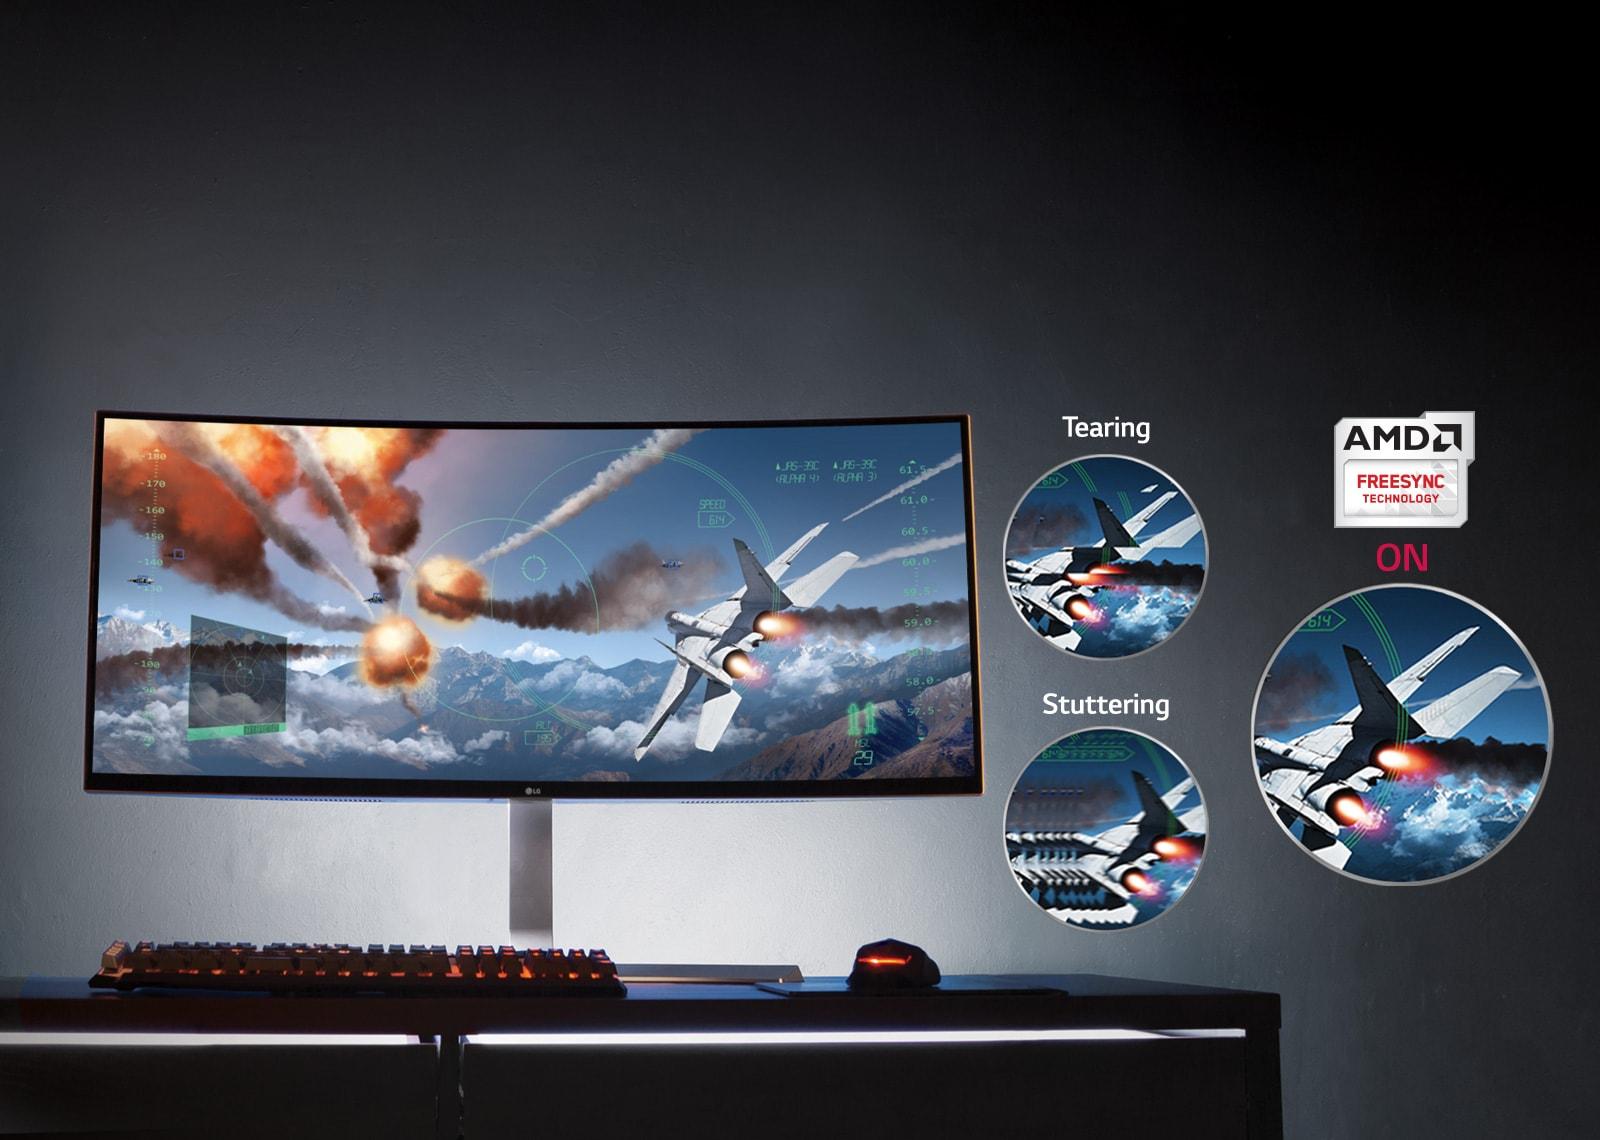 AMD FreeSync™ Technology